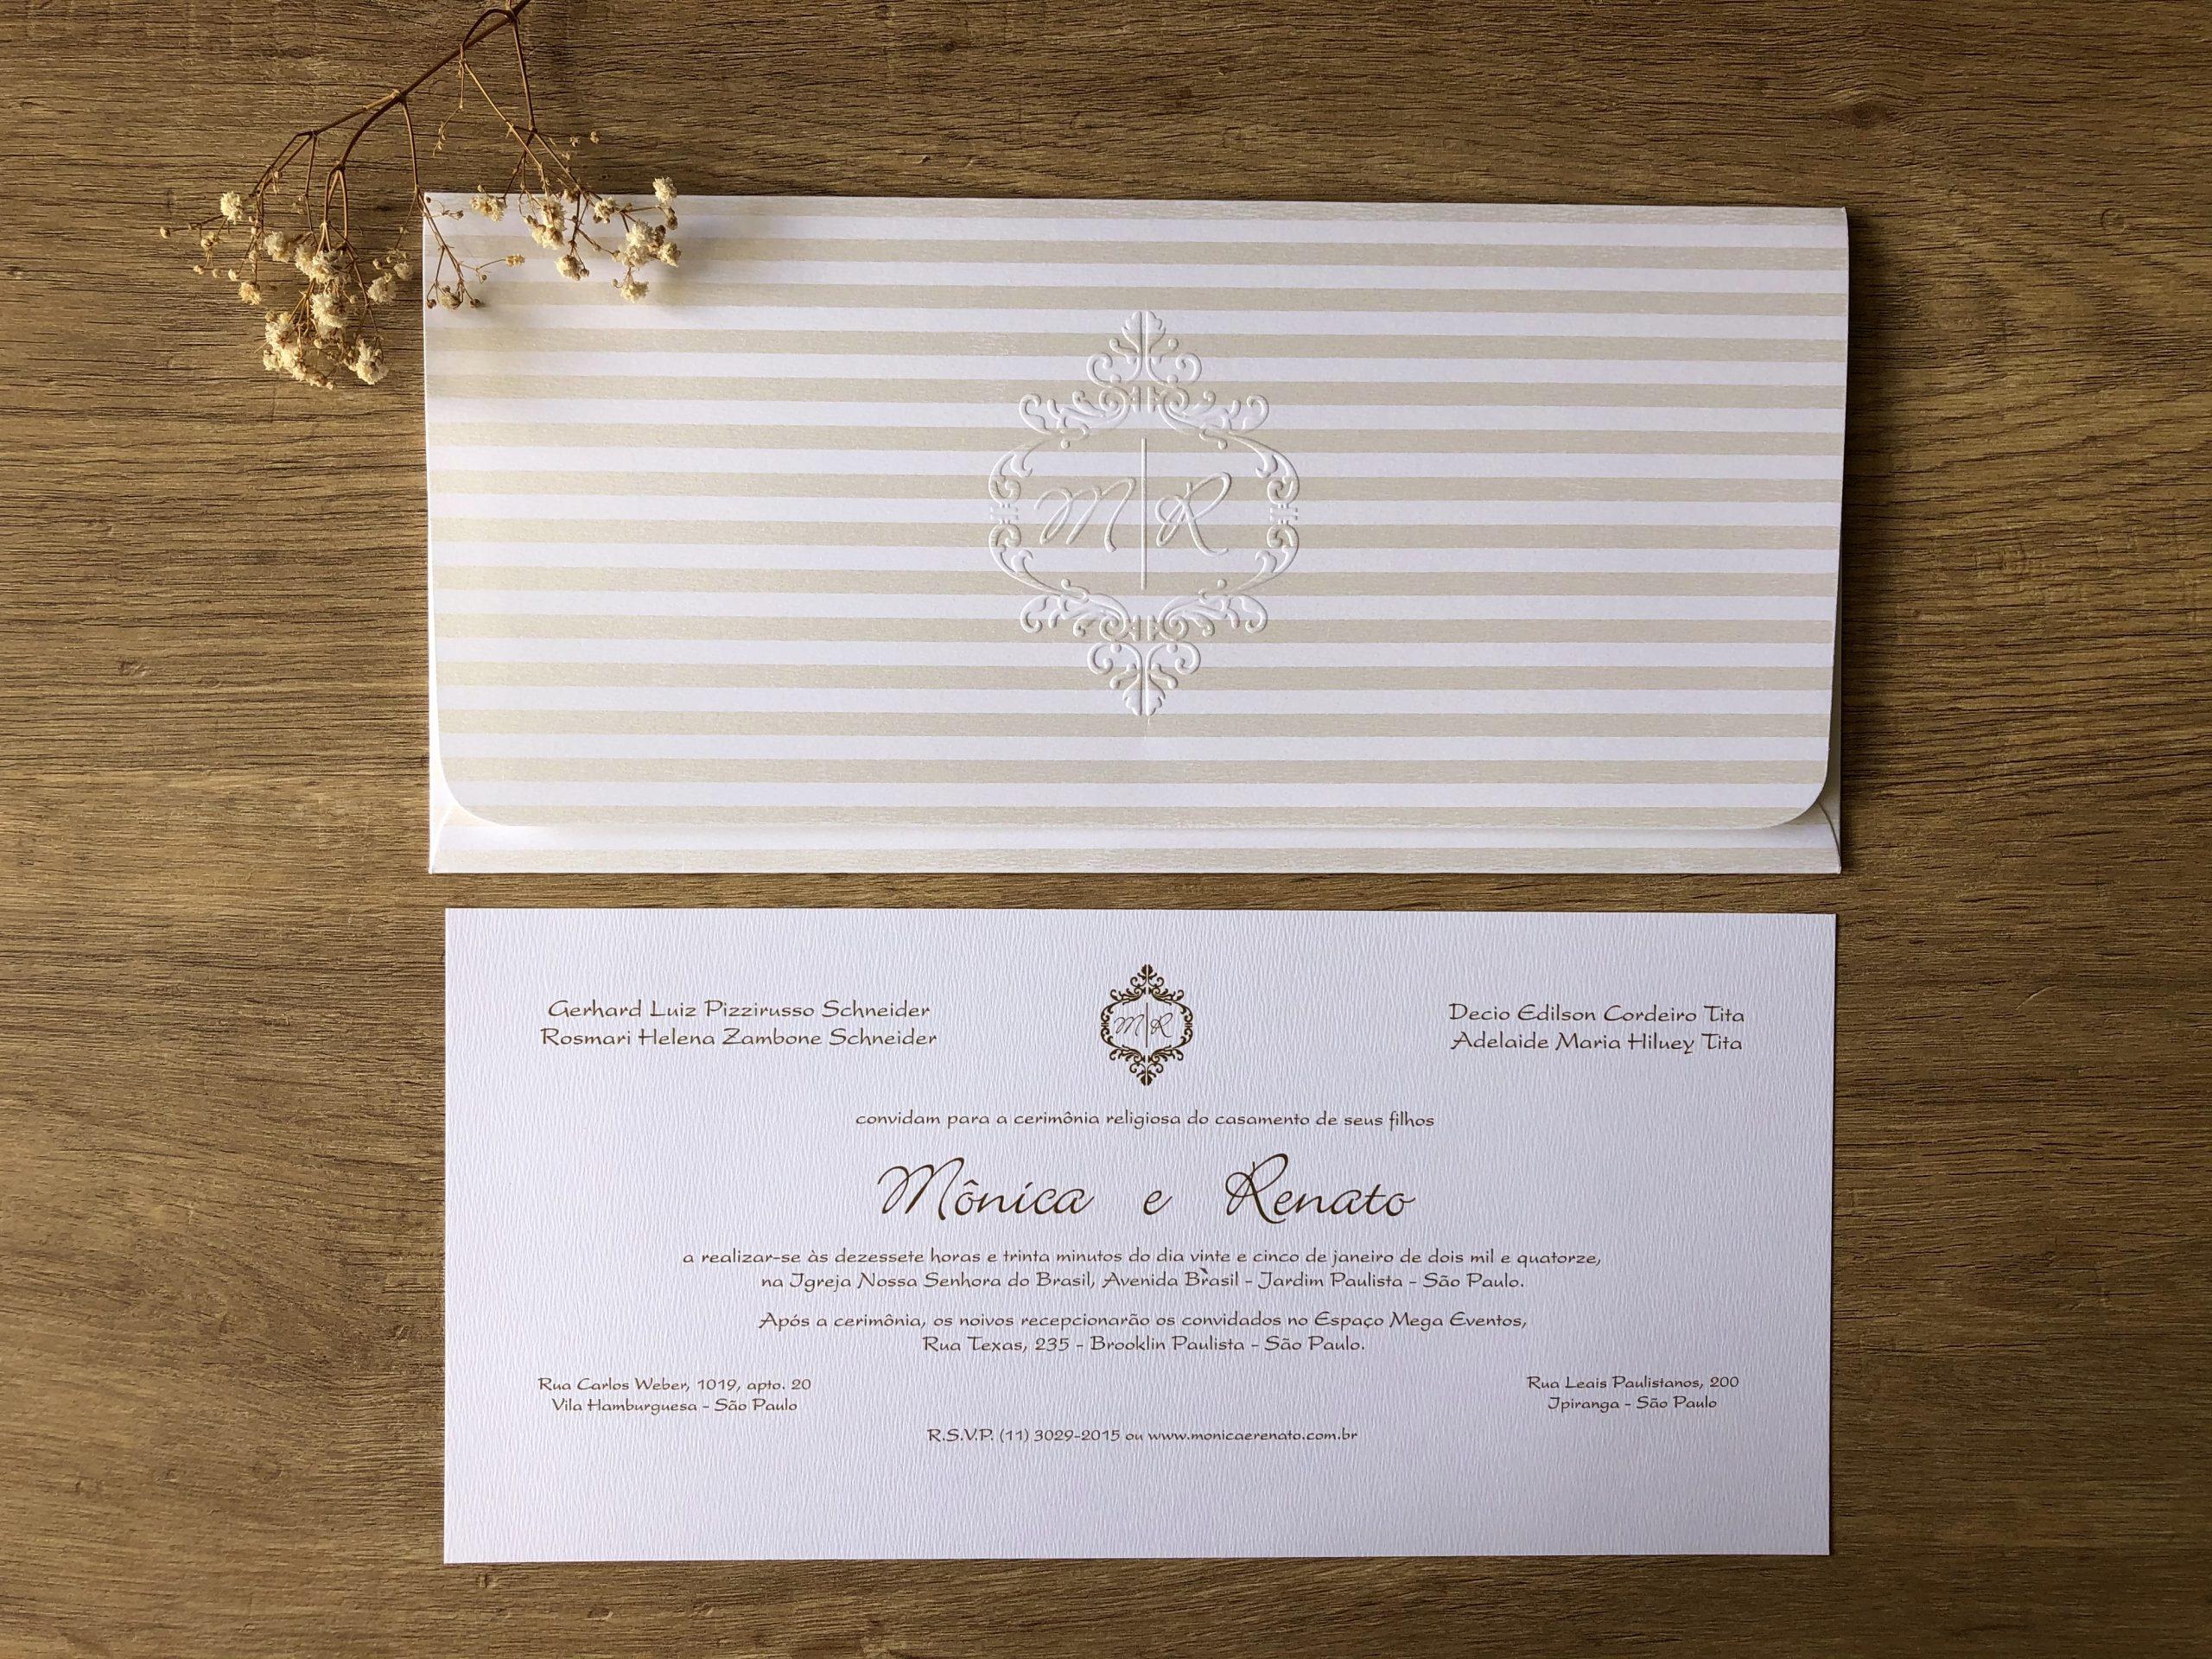 Convite de Mônica e Renato -